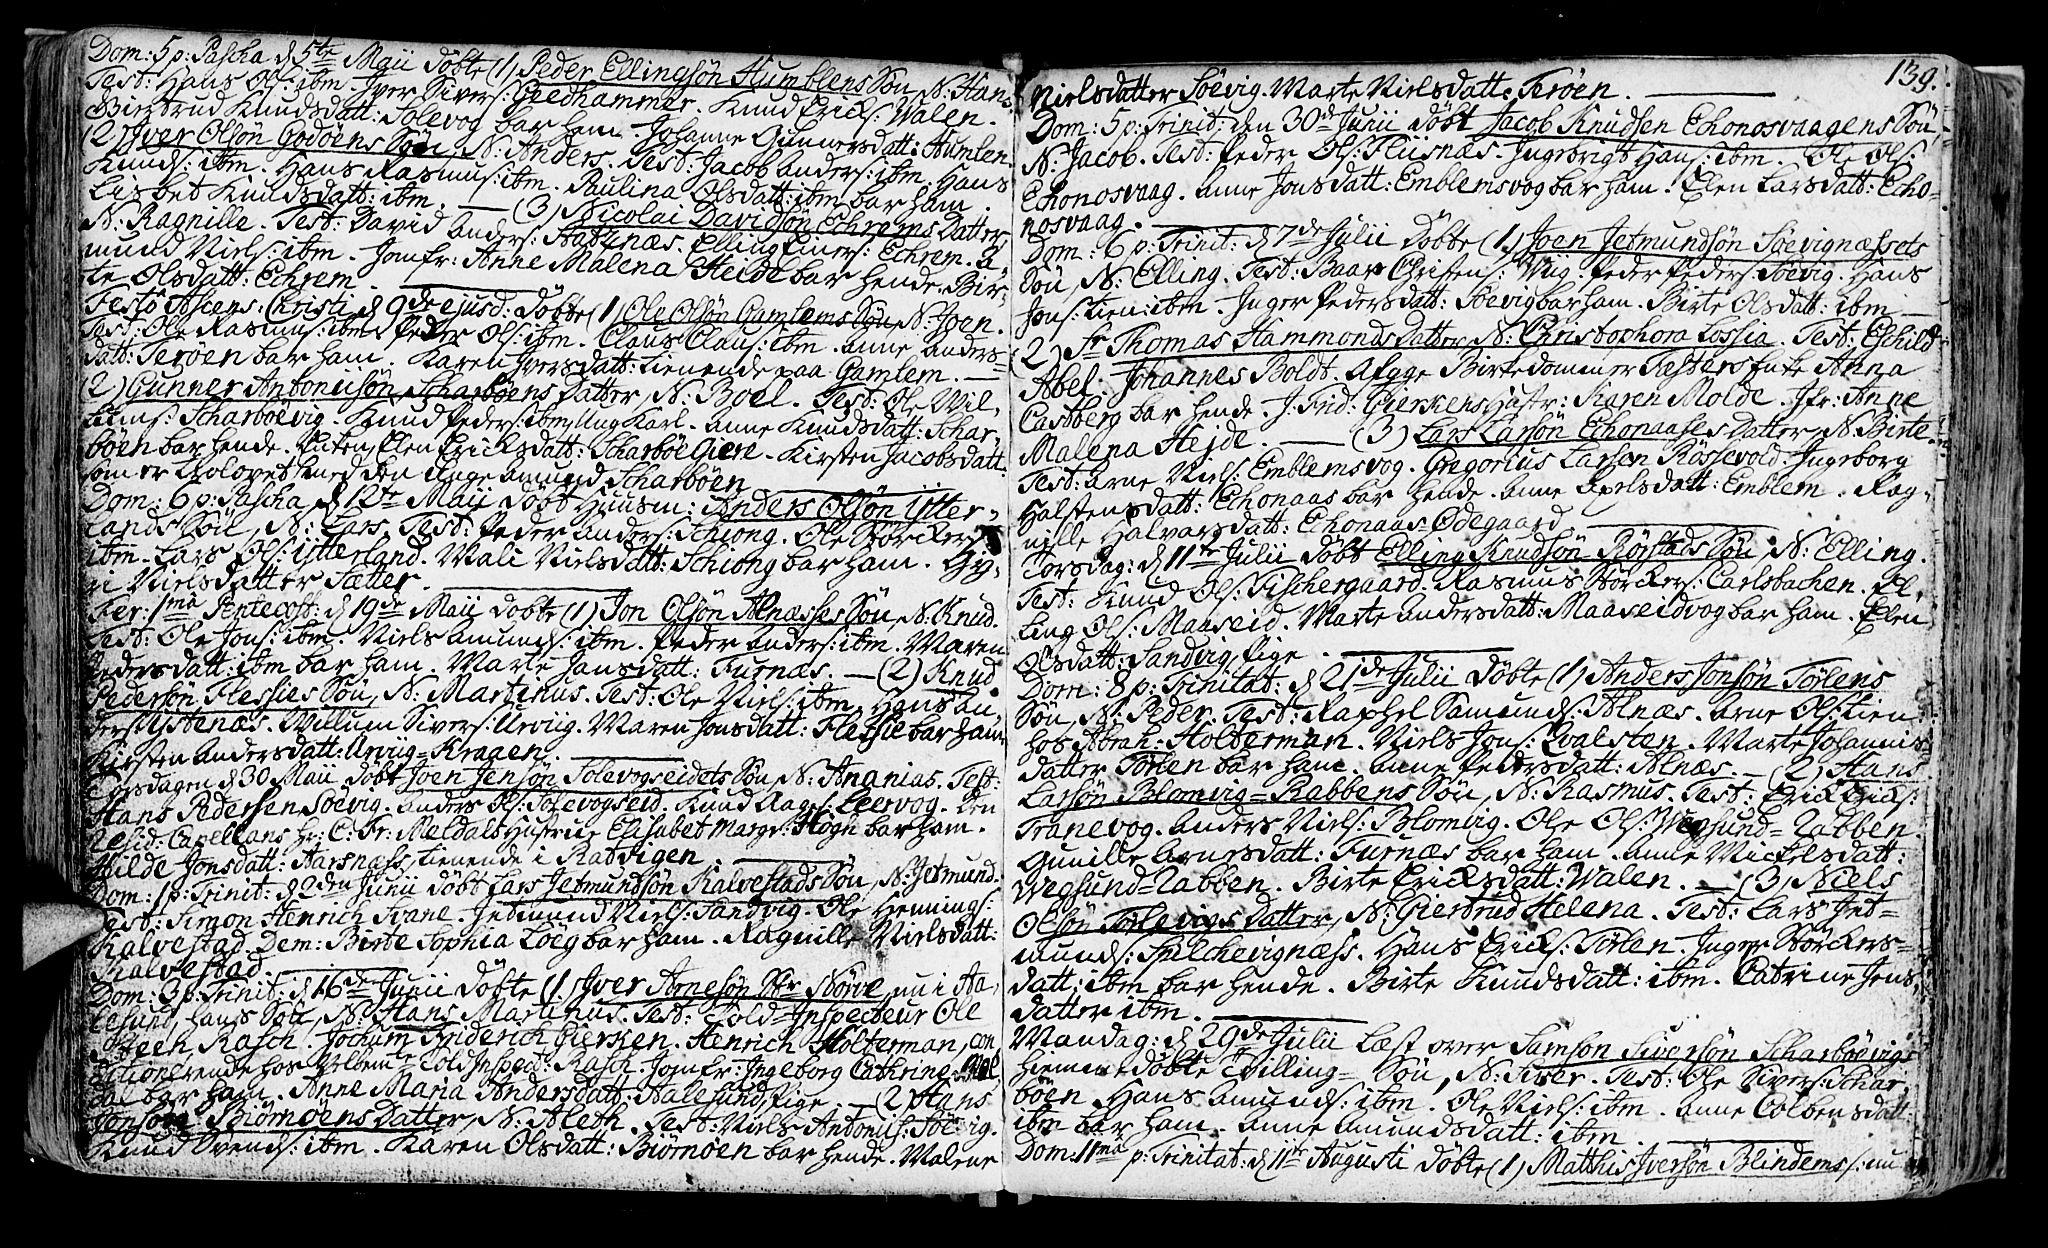 SAT, Ministerialprotokoller, klokkerbøker og fødselsregistre - Møre og Romsdal, 528/L0392: Ministerialbok nr. 528A03, 1762-1800, s. 139